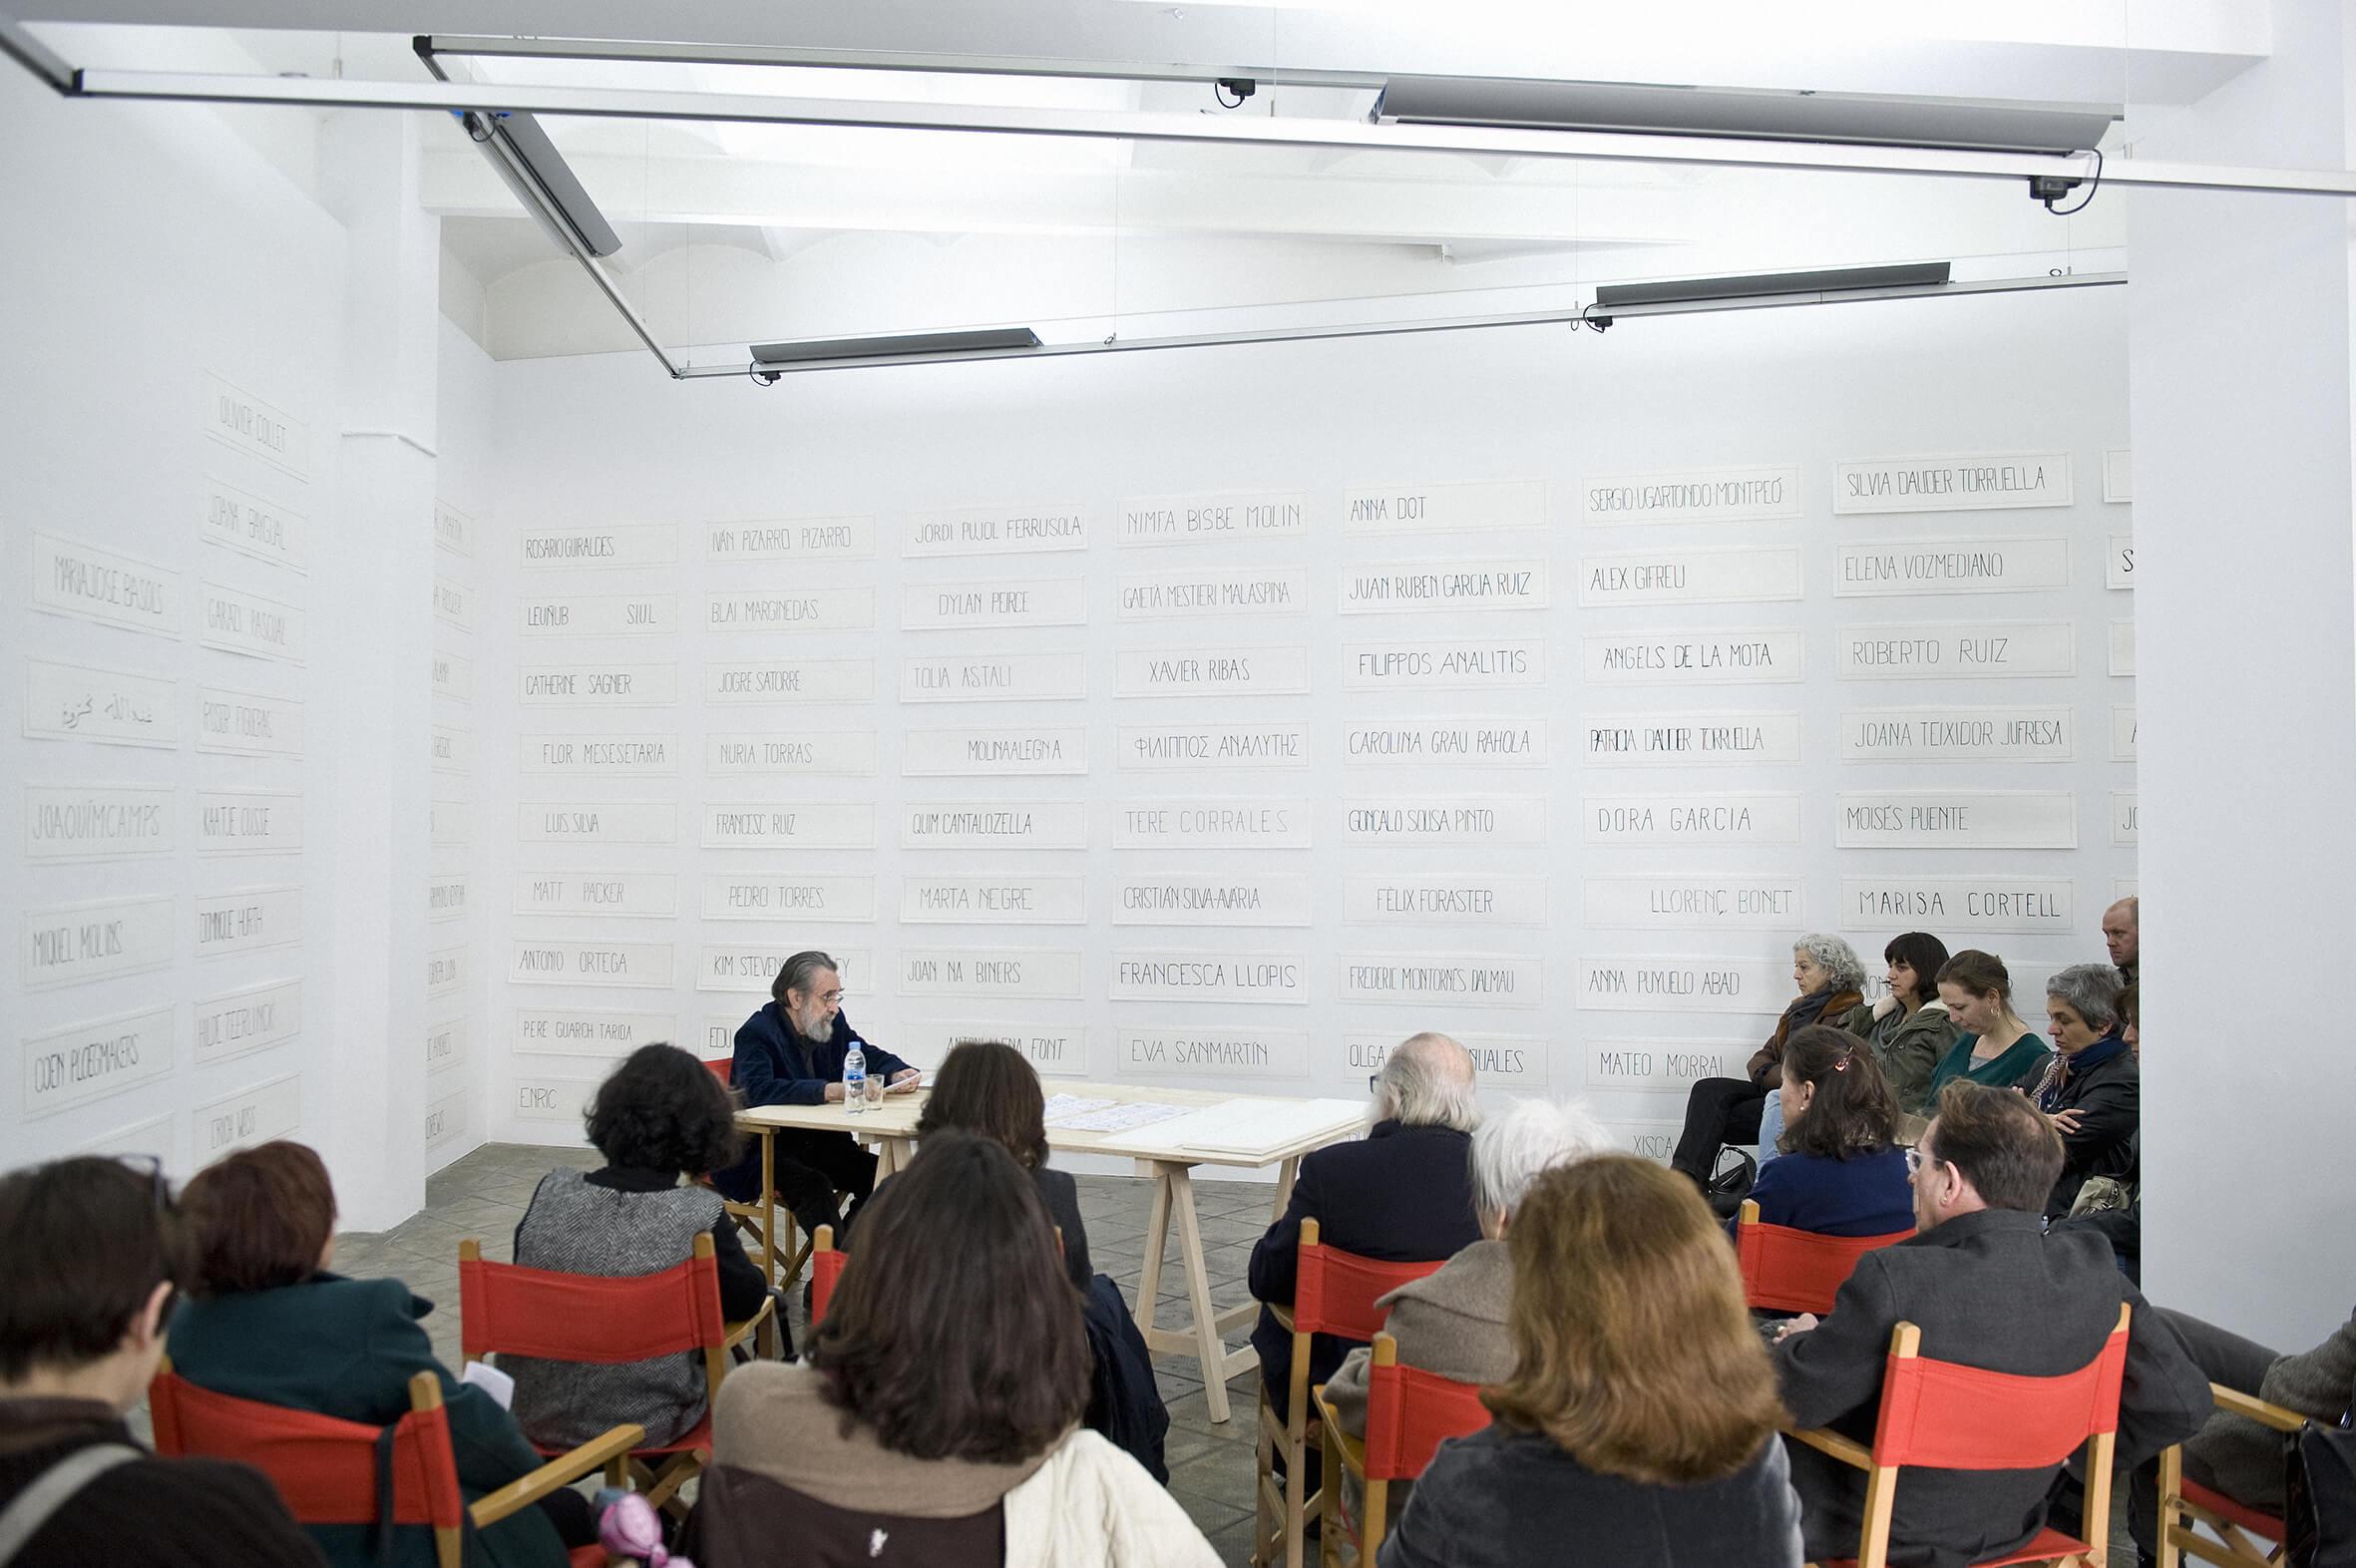 Lecture Dobleces de Autor by Isidoro Valcárcel Medina. Vostè Mateix, ProjecteSD, Barcelona, 2013 | Vostè Mateix | ProjecteSD